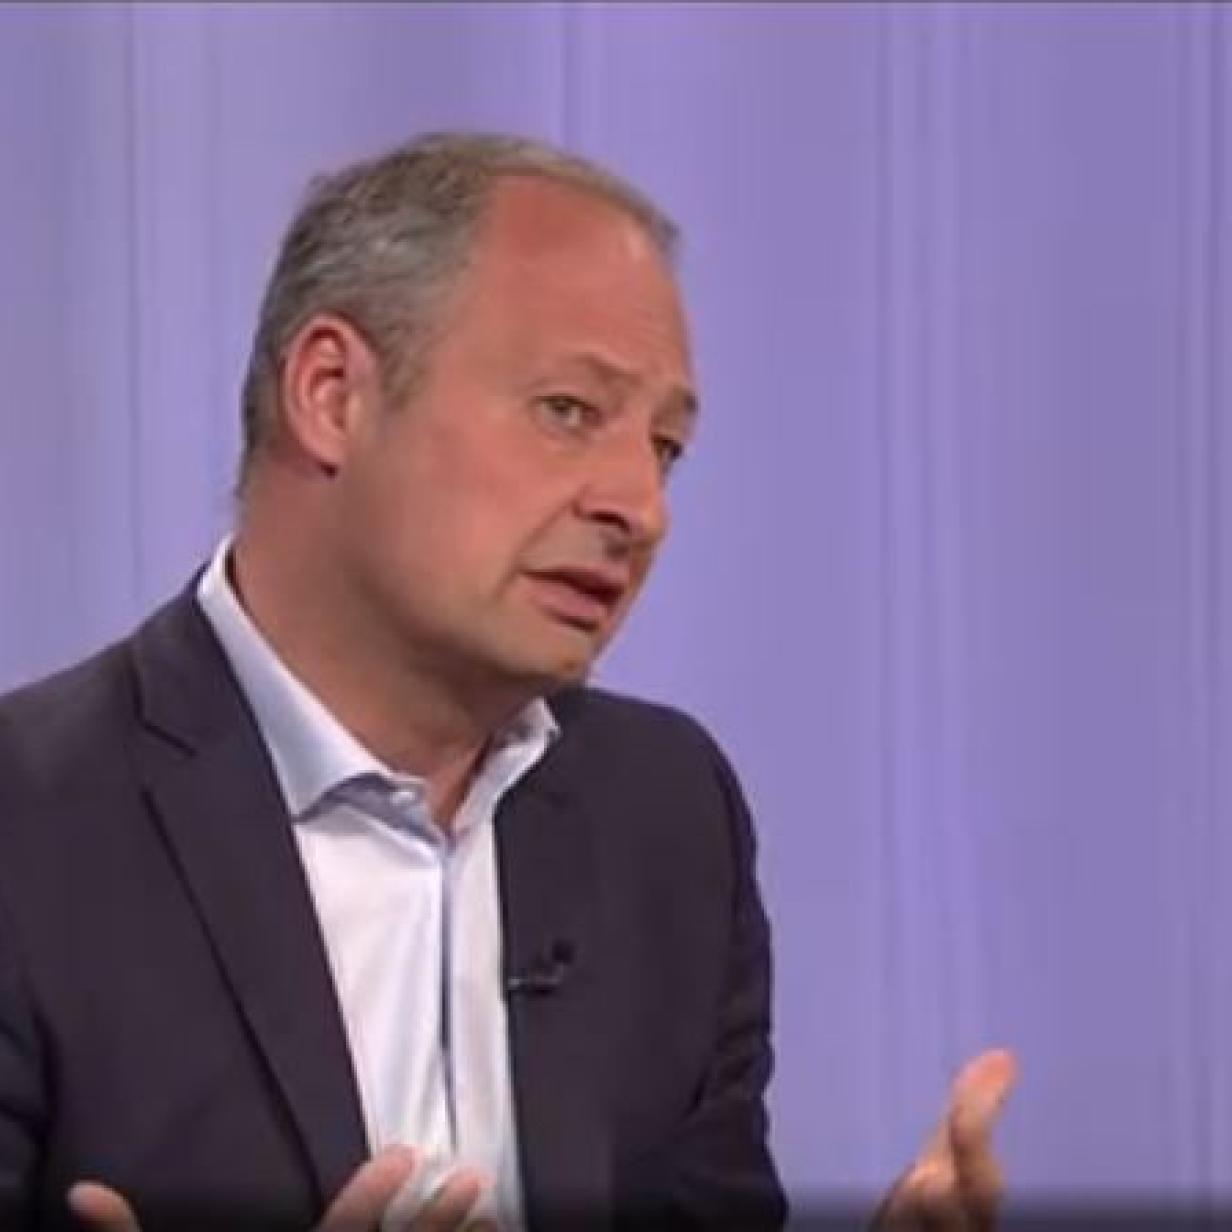 Neuwahl: Schieder deutet Ende der Koalition im Burgenland an